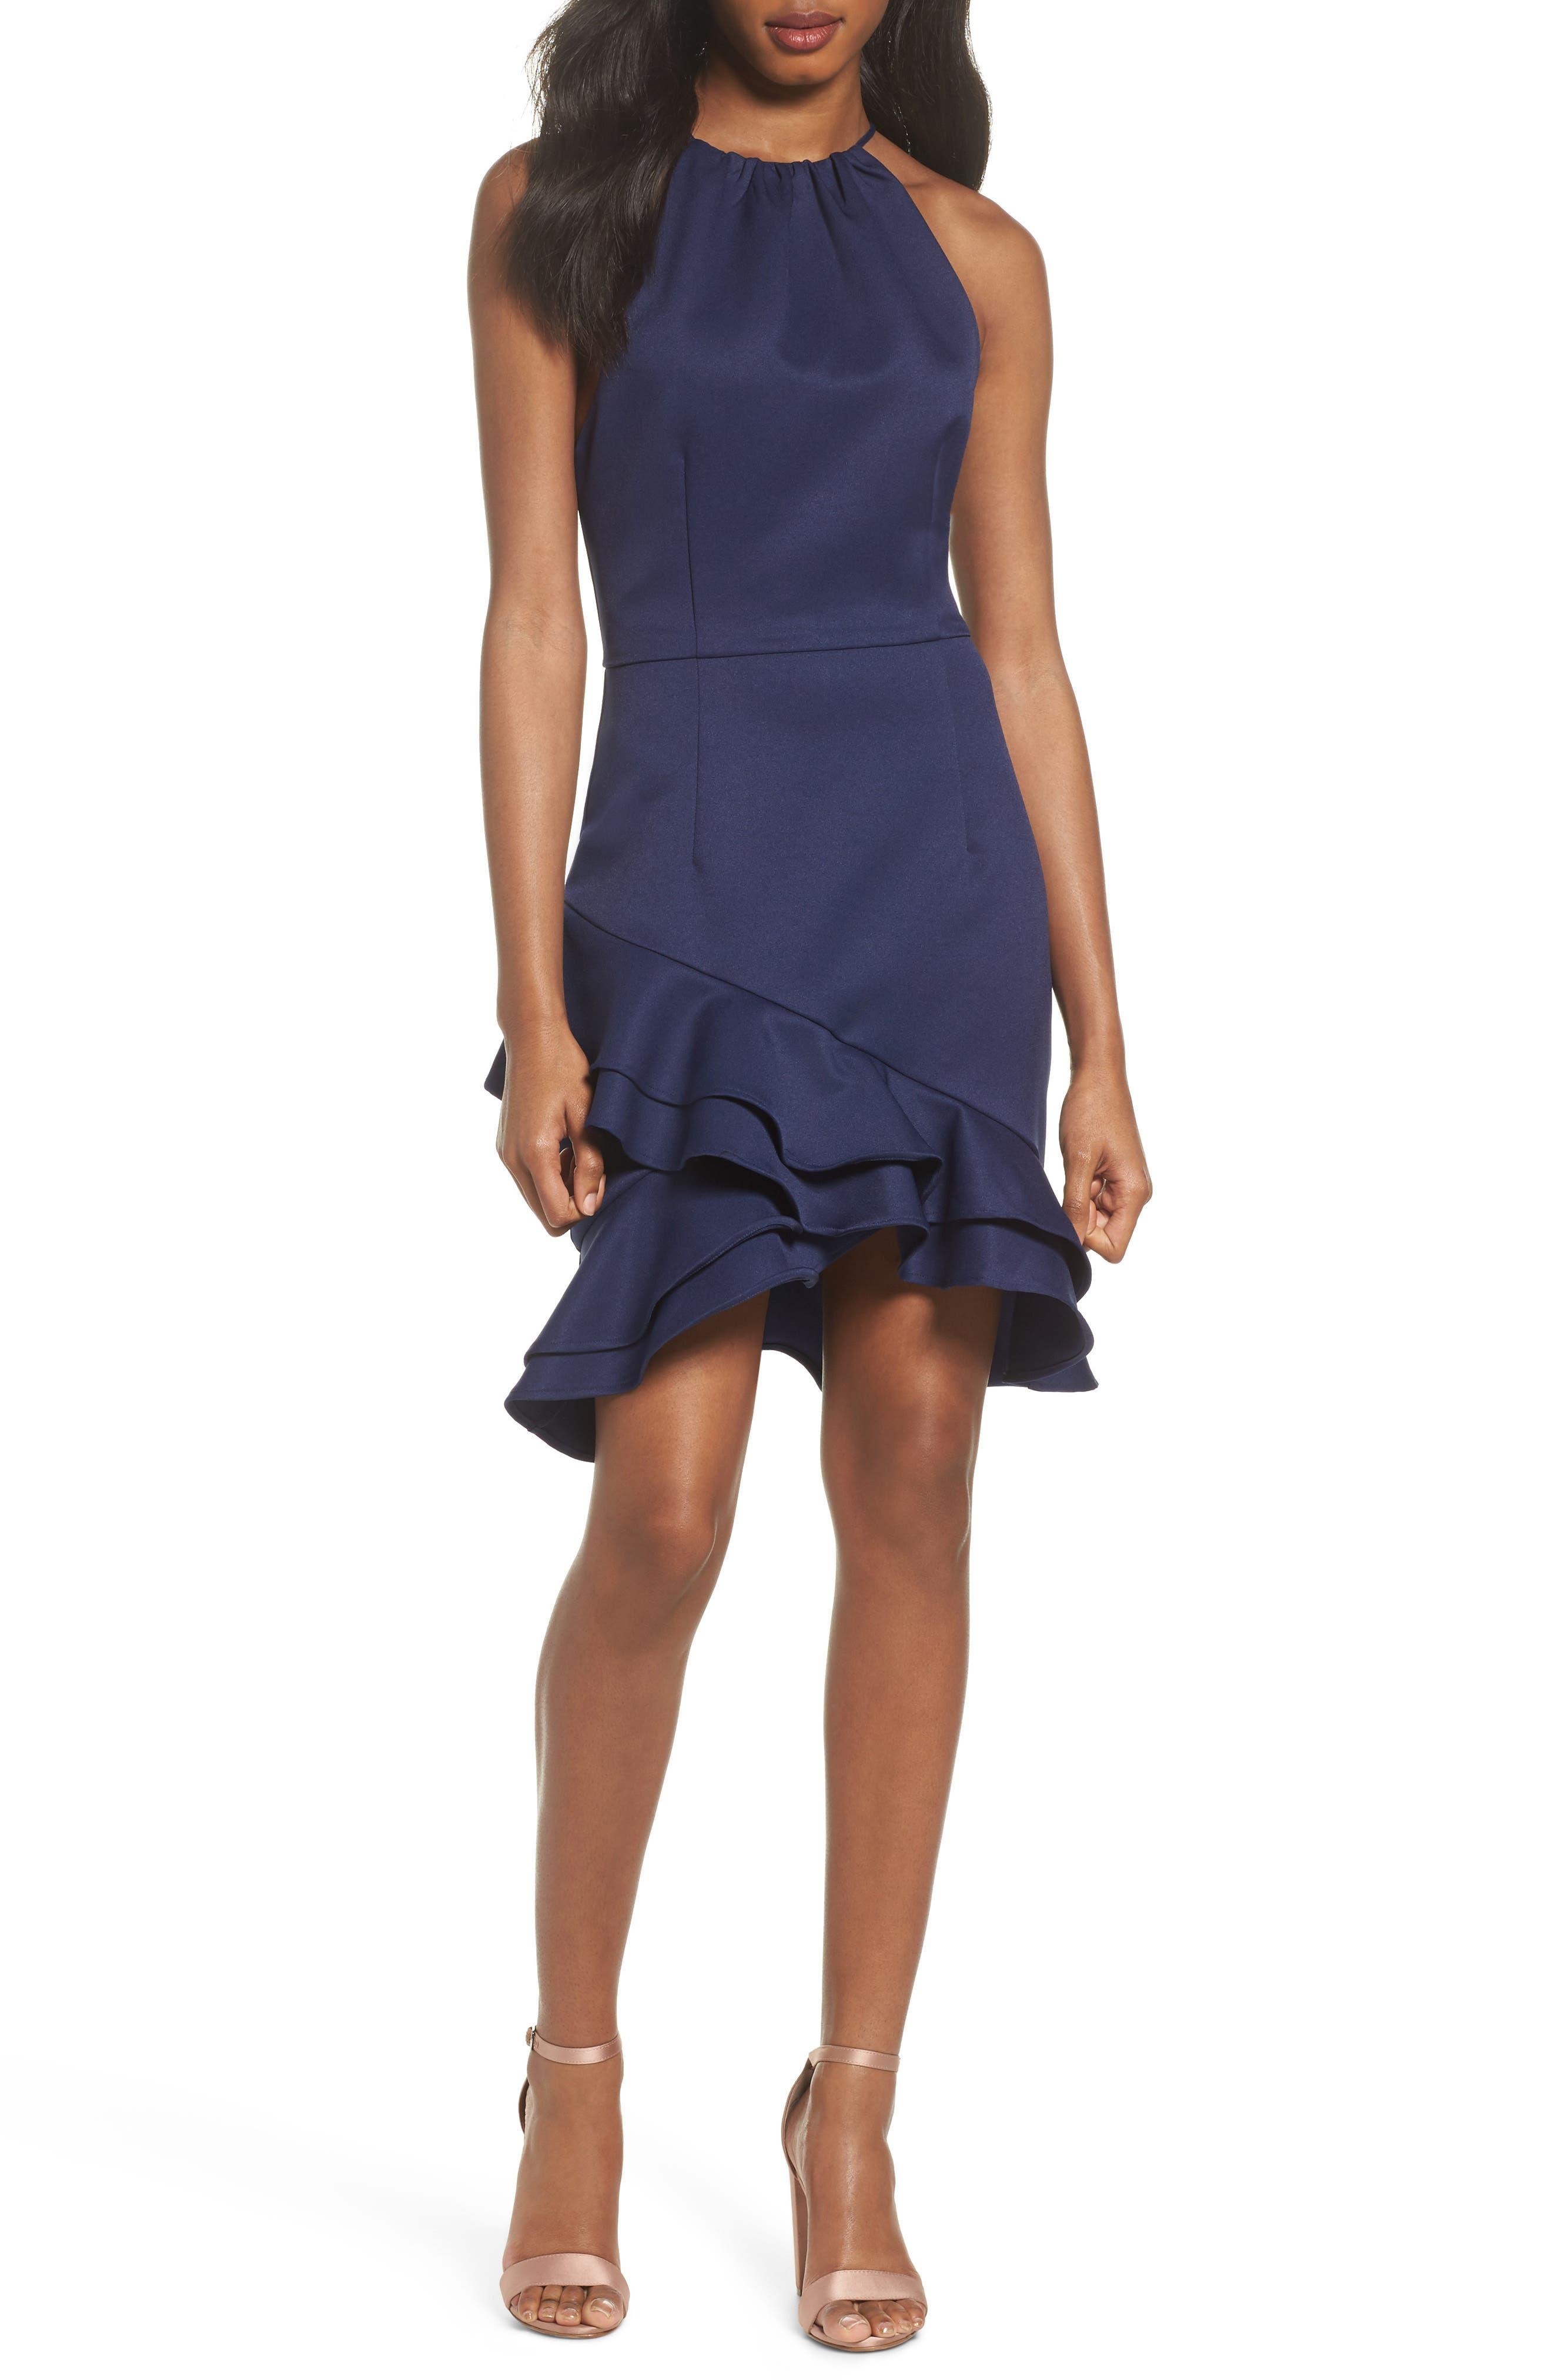 Alternate Image 1 Selected - Cooper St Dove Drift Ruffle Dress